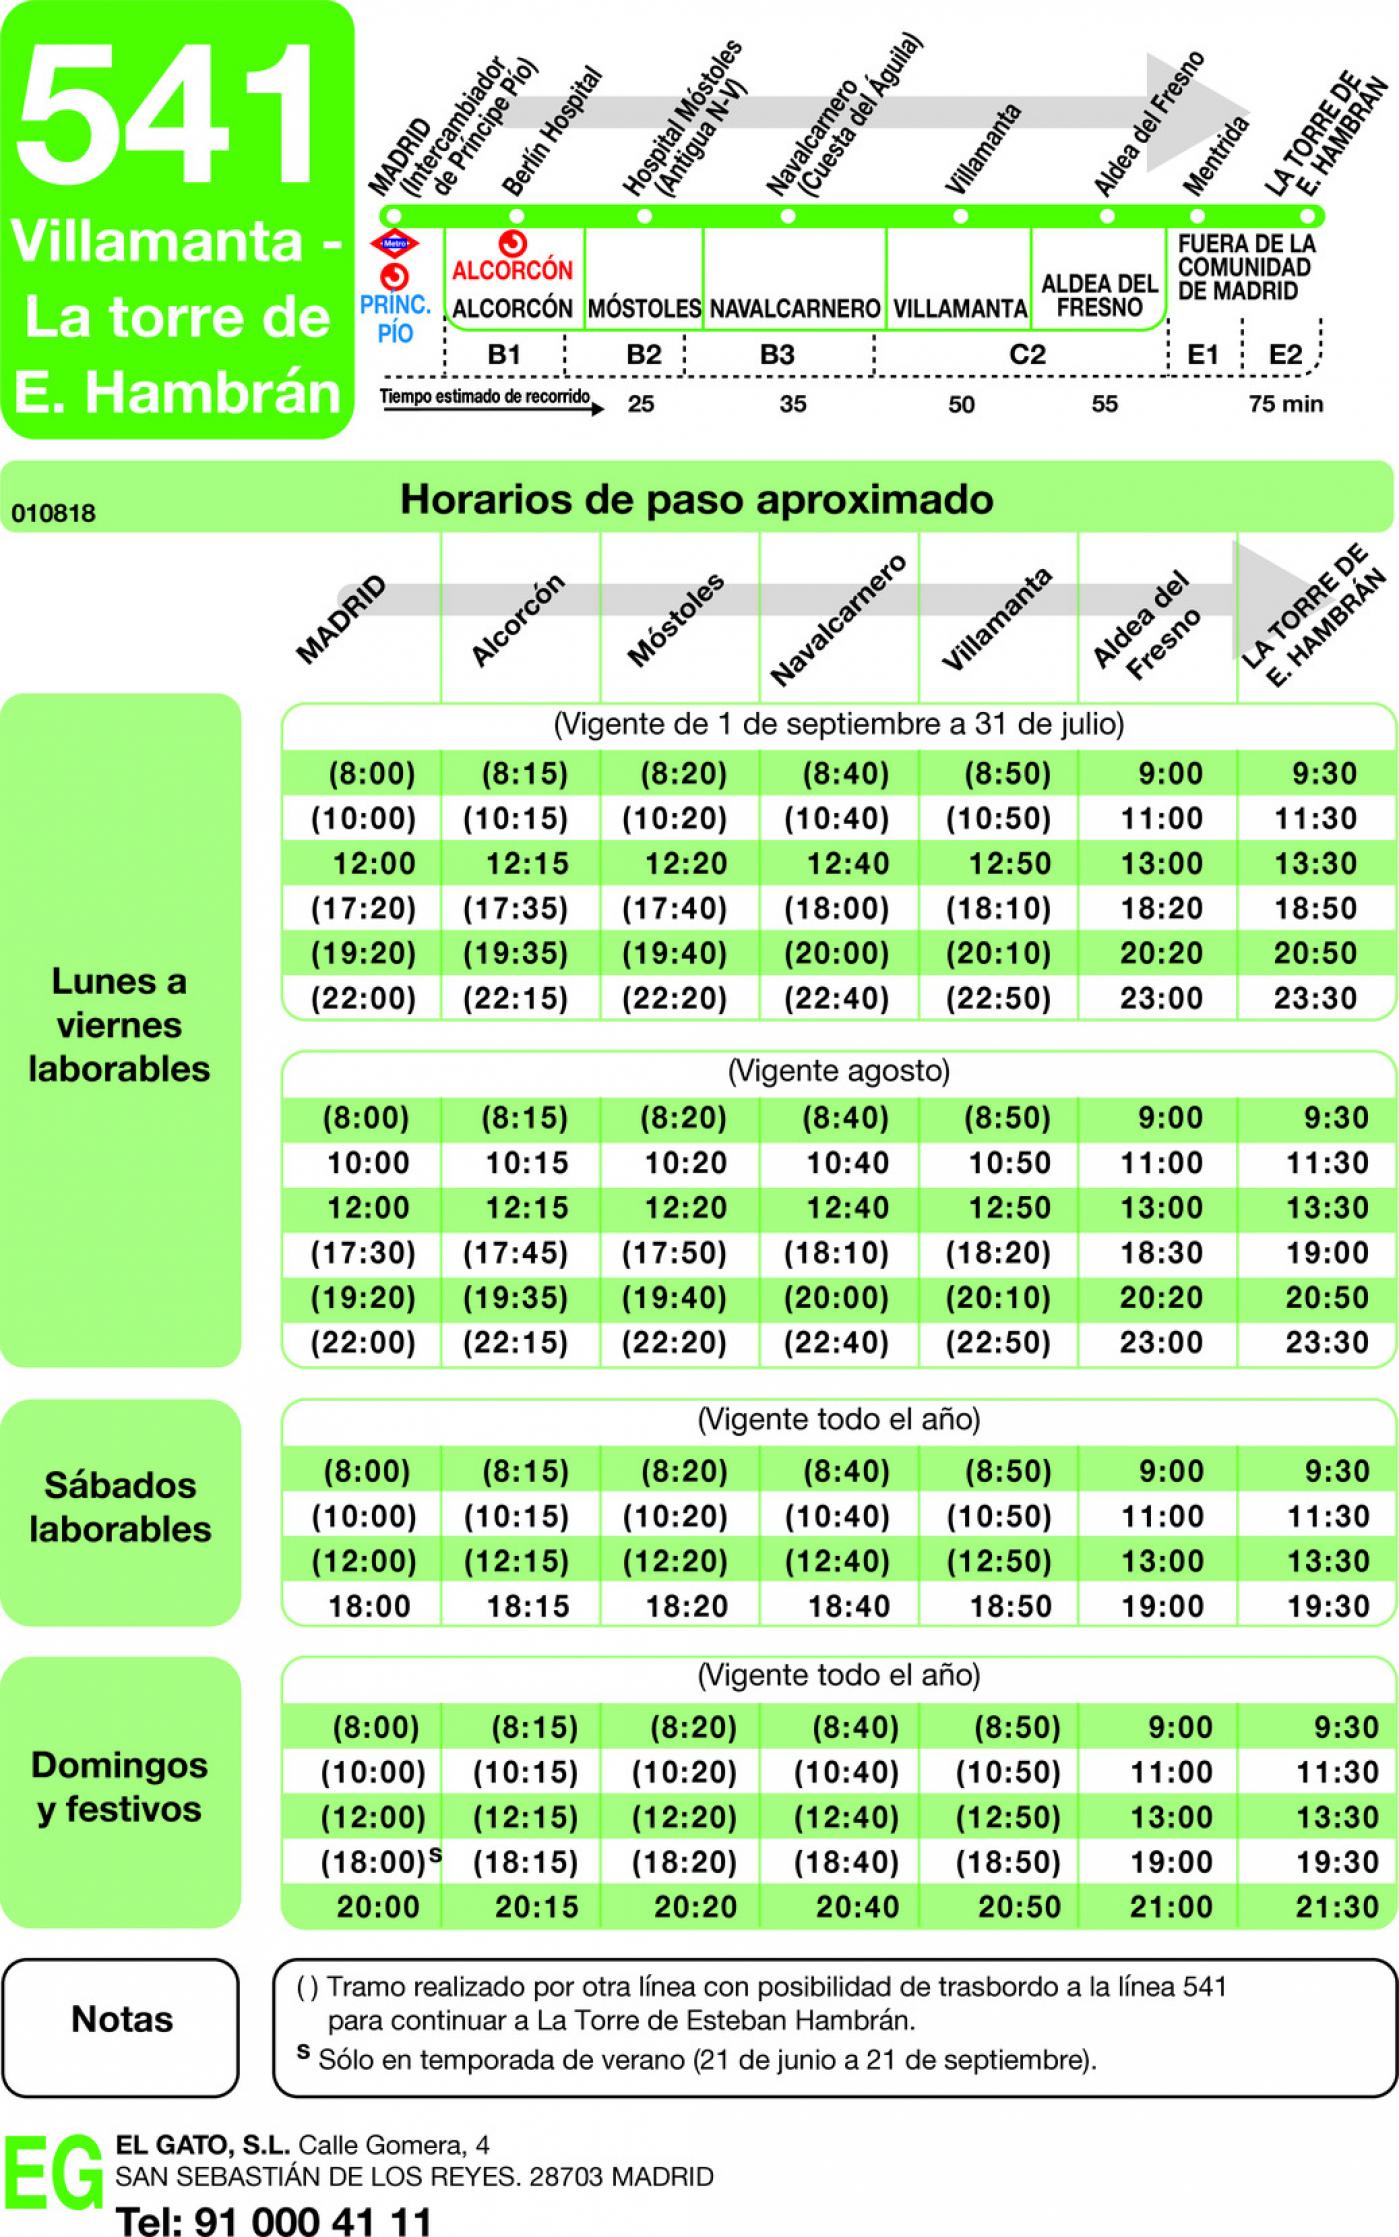 Tabla de horarios y frecuencias de paso en sentido ida Línea 541: Madrid (Príncipe Pío) - Villamanta - La Torre de Esteban Hambrán